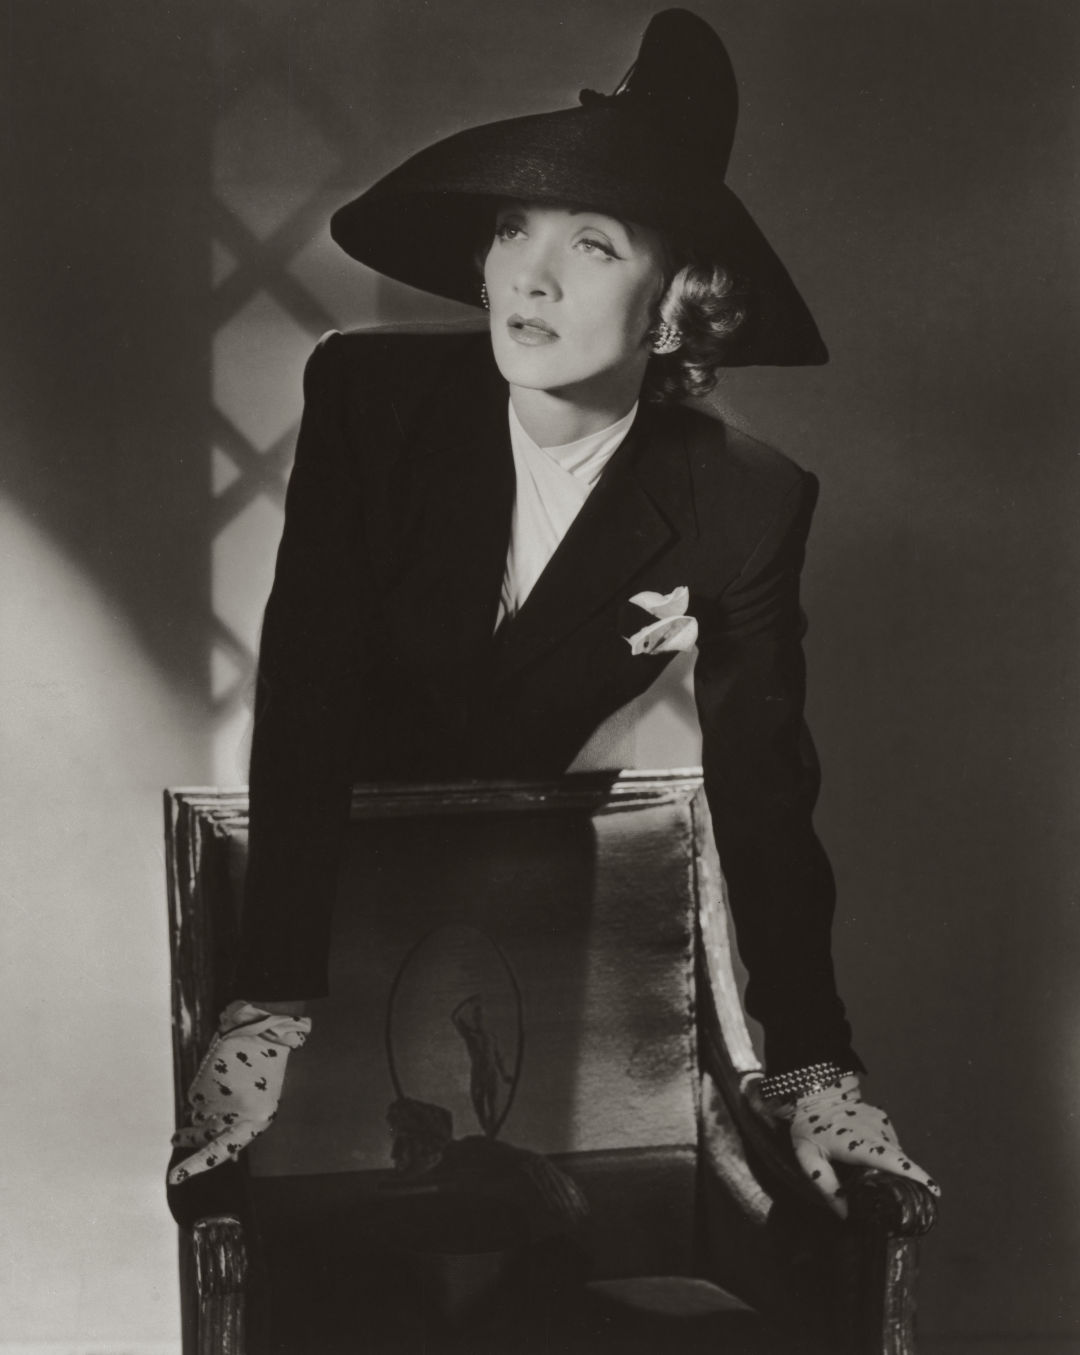 Marlene dietrich  new york  1942     conde nast  horst estate r7eetu